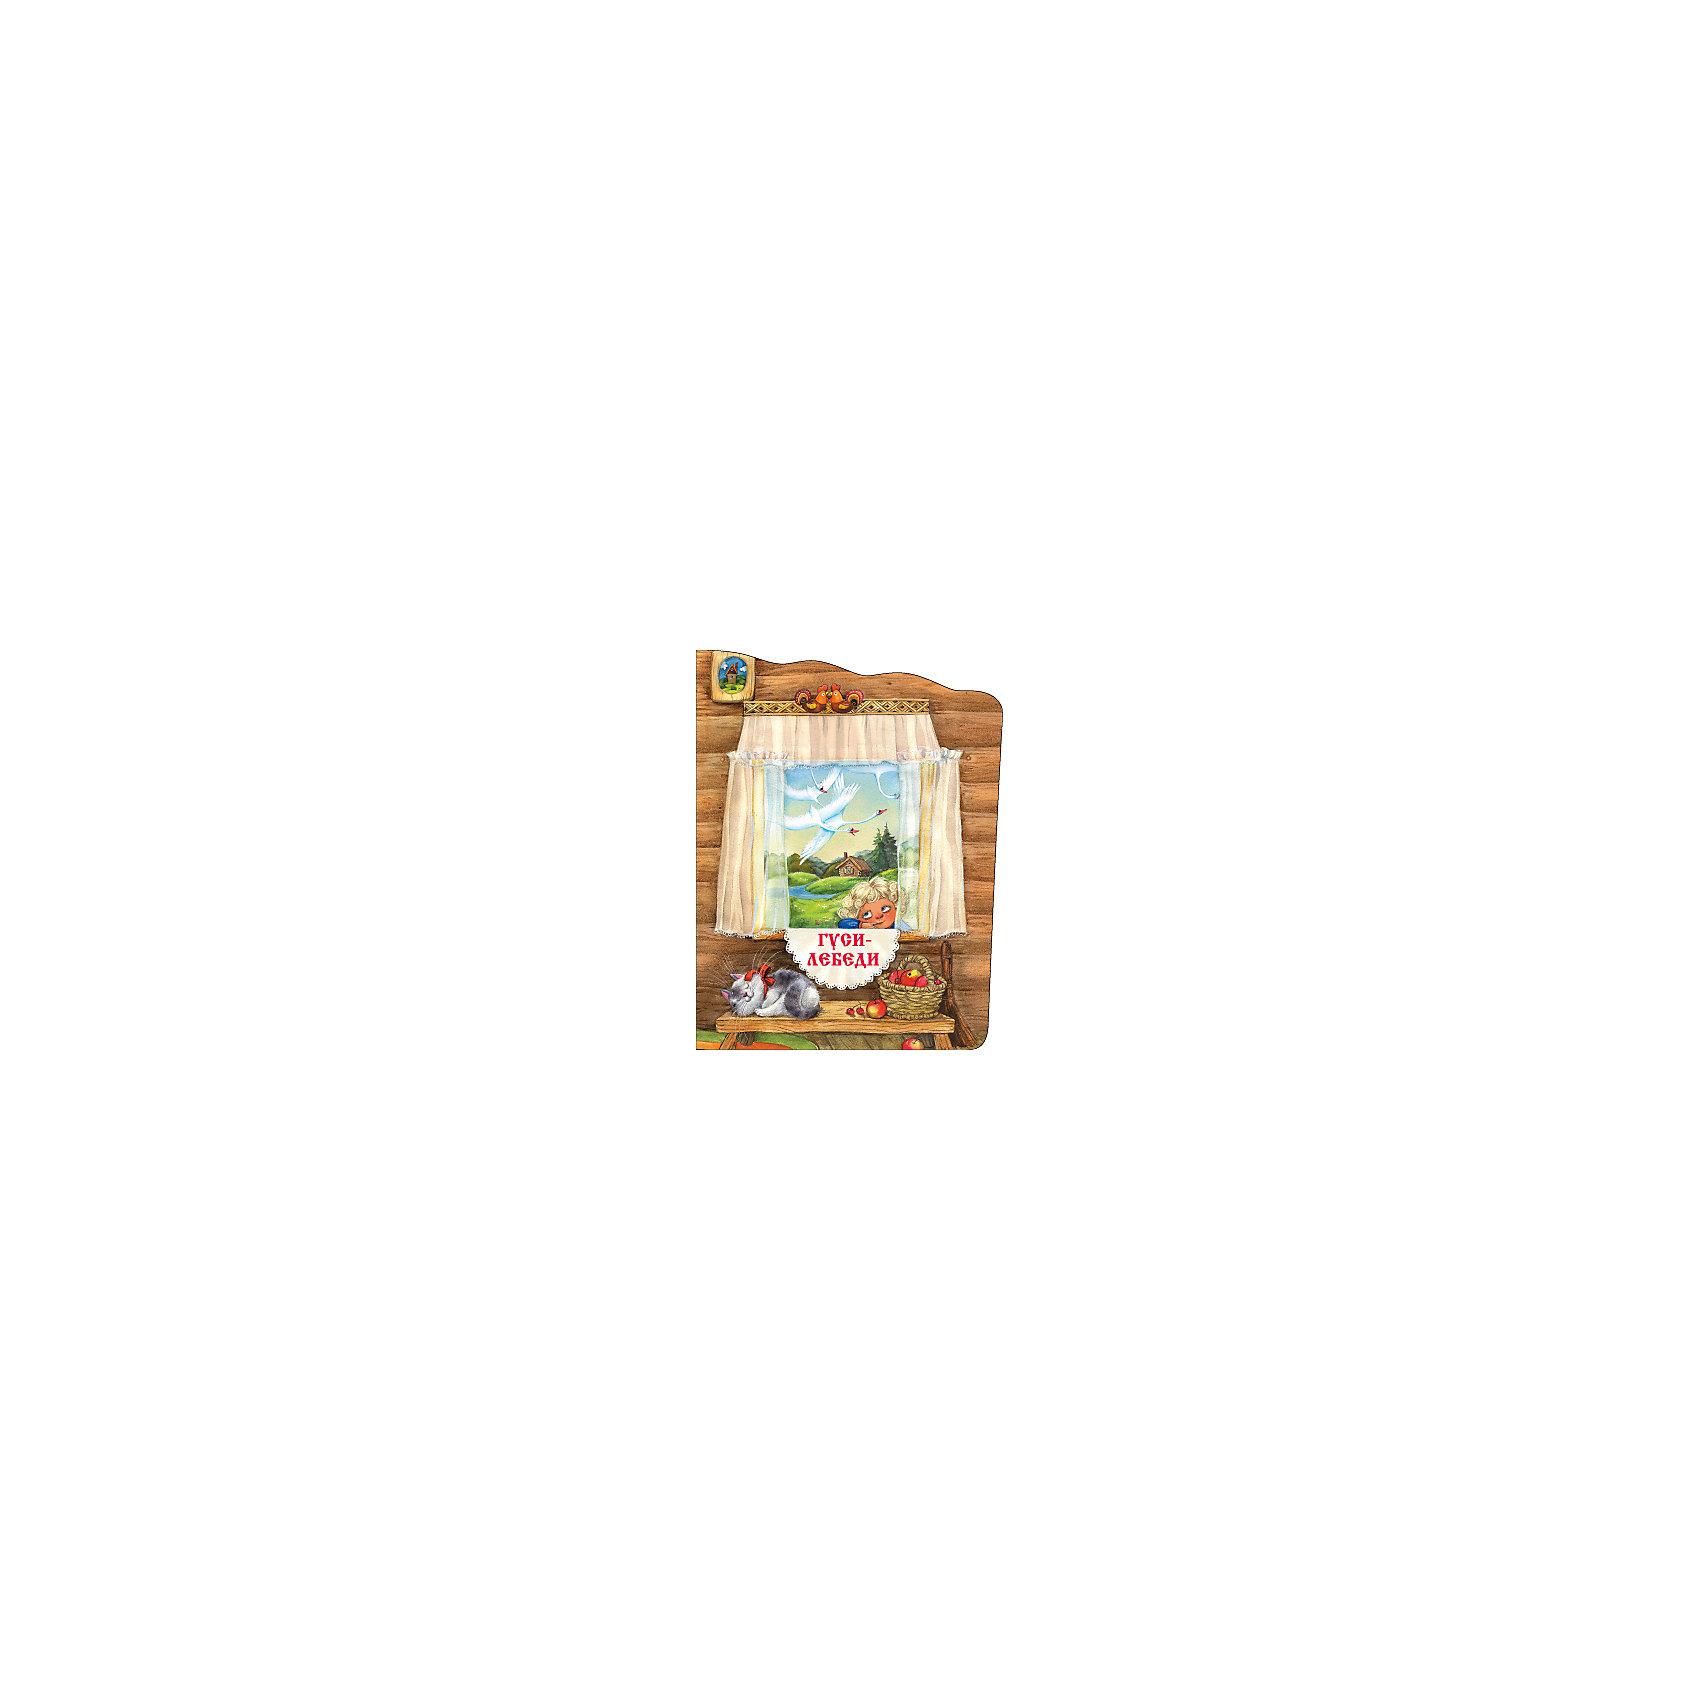 Гуси-лебеди, А.Н. ТолстойПервые книги малыша<br>Книжка Гуси-лебеди.<br><br>Характеристики:<br><br>• Для детей в возрасте: от 12 месяцев до 4 лет<br>• Литературная обработка: Толстой Алексей Николаевич<br>• Художник: Еремина Л.<br>• Издательство: Мозаика-Синтез<br>• Серия: Русские сказки. Книжки с вырубкой<br>• Тип обложки: мягкая обложка<br>• Иллюстрации: цветные<br>• Количество страниц: 16<br>• Размер: 280х215х2 мм.<br>• Вес: 82 гр.<br>• ISBN: 9785431509032<br><br>На страницах книги с удивительными иллюстрациями Любови Ереминой оживают герои любимой русской народной сказки «Гуси-лебеди» в классической обработке А. Н. Толстого. Красочную книжку в мягкой обложке легко взять с собой в гости, в поездку, на дачу или в детский сад - любимая сказка будет сопровождать вашего малыша повсюду.<br><br>Книжку Гуси-лебеди можно купить в нашем интернет-магазине.<br><br>Ширина мм: 200<br>Глубина мм: 215<br>Высота мм: 280<br>Вес г: 82<br>Возраст от месяцев: 12<br>Возраст до месяцев: 84<br>Пол: Унисекс<br>Возраст: Детский<br>SKU: 5523248